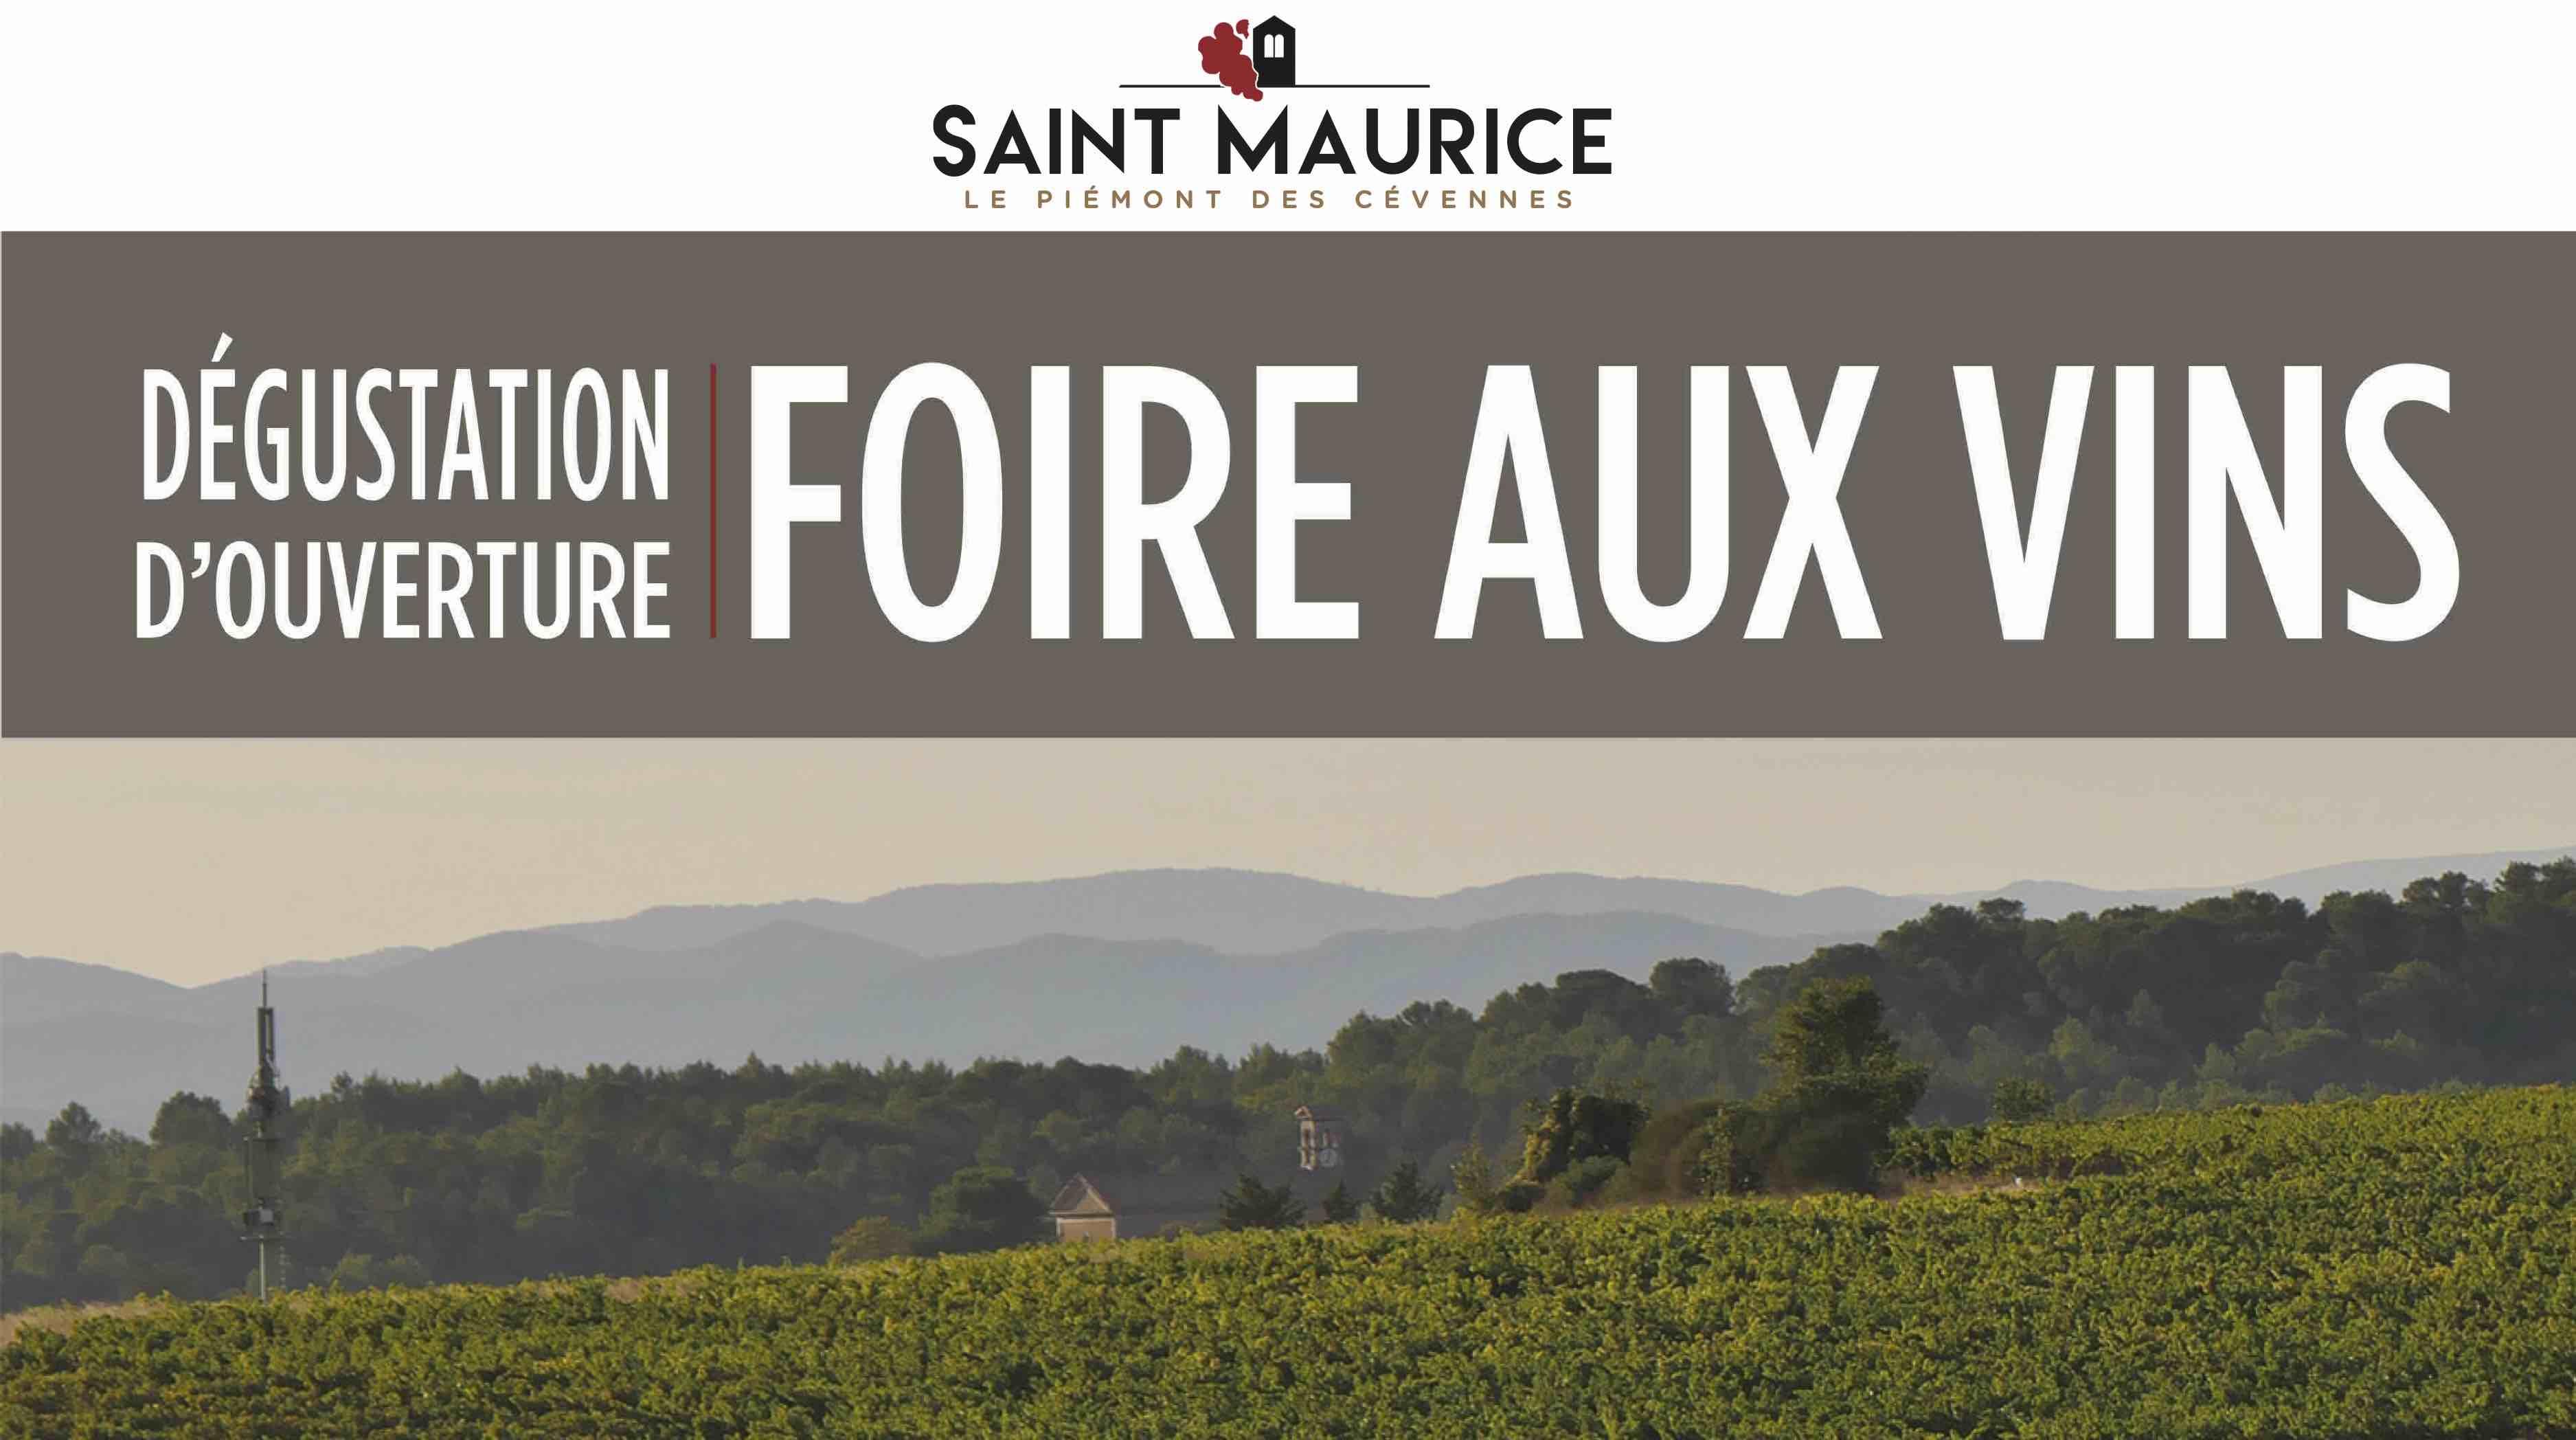 DÉGUSTATION D'OUVERTURE DE NOTRE FOIRE AUX VINS !